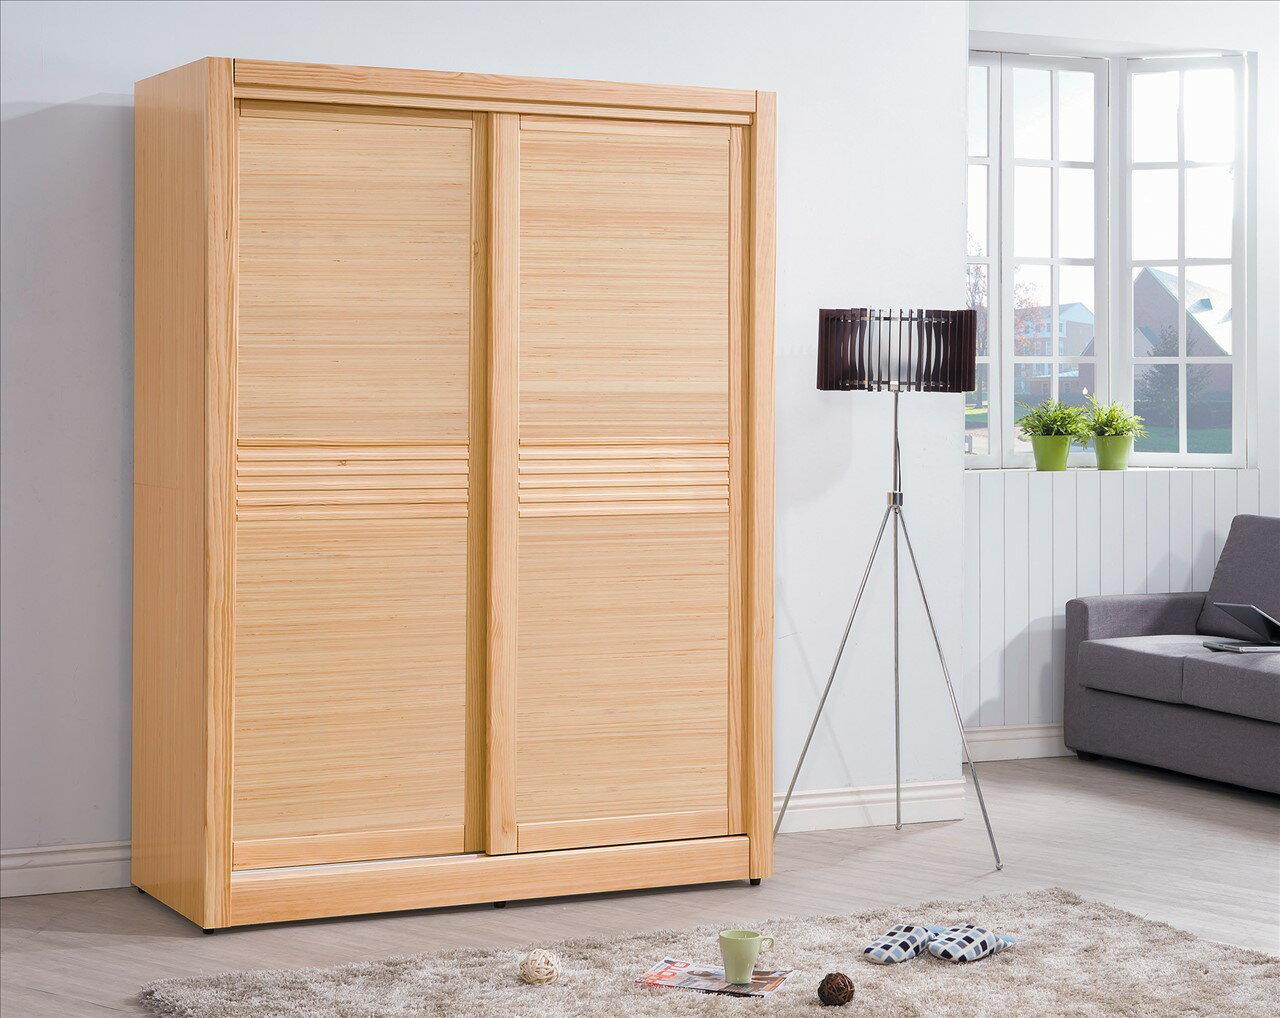 【石川家居】CE-159-05 羅本北歐全實木5*7尺衣櫥 (不含其他商品) 需搭配車趟